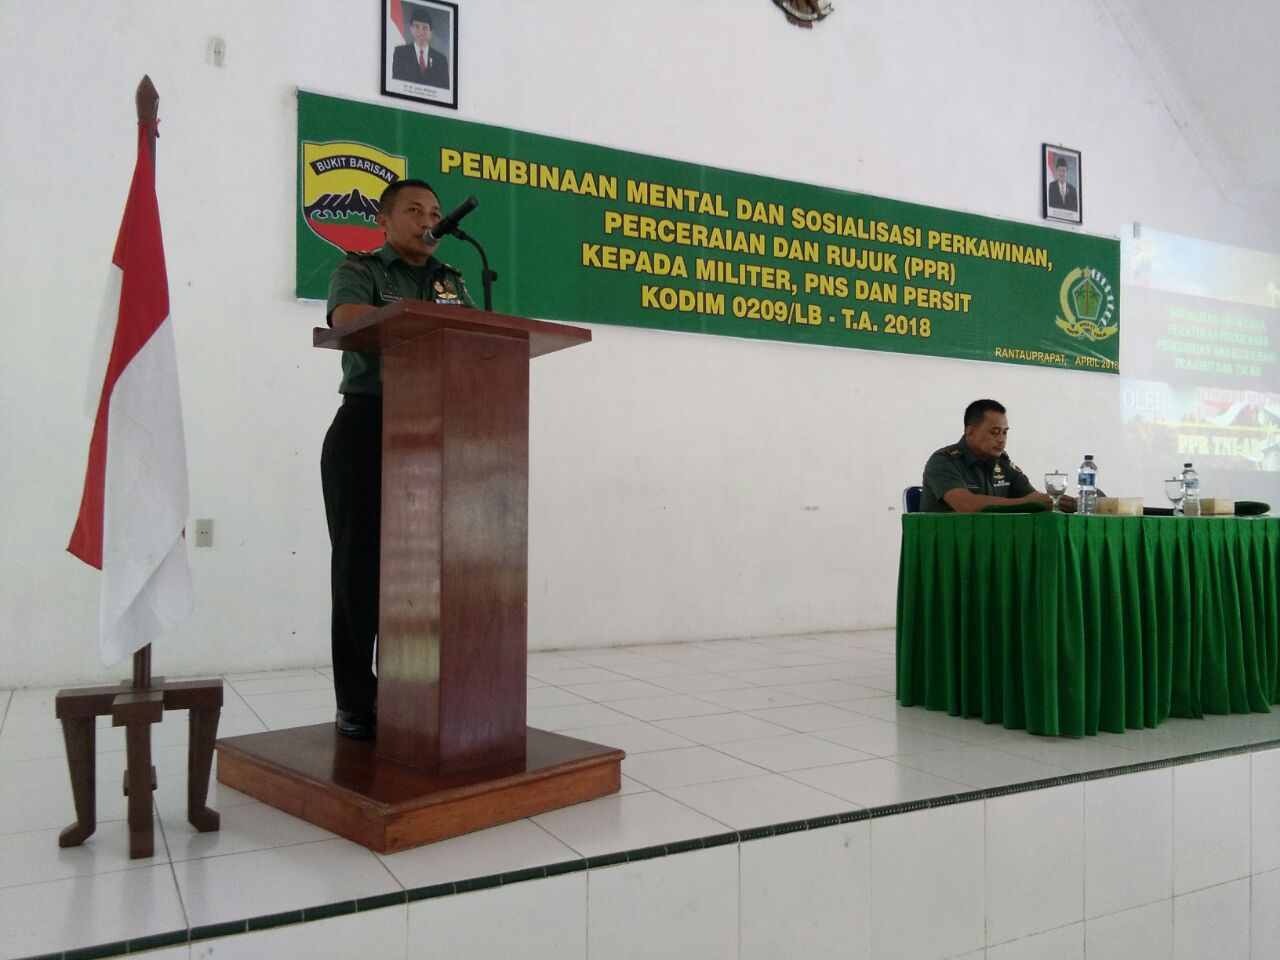 Aturan PPR di tubuh TNI di Sosialisasikan